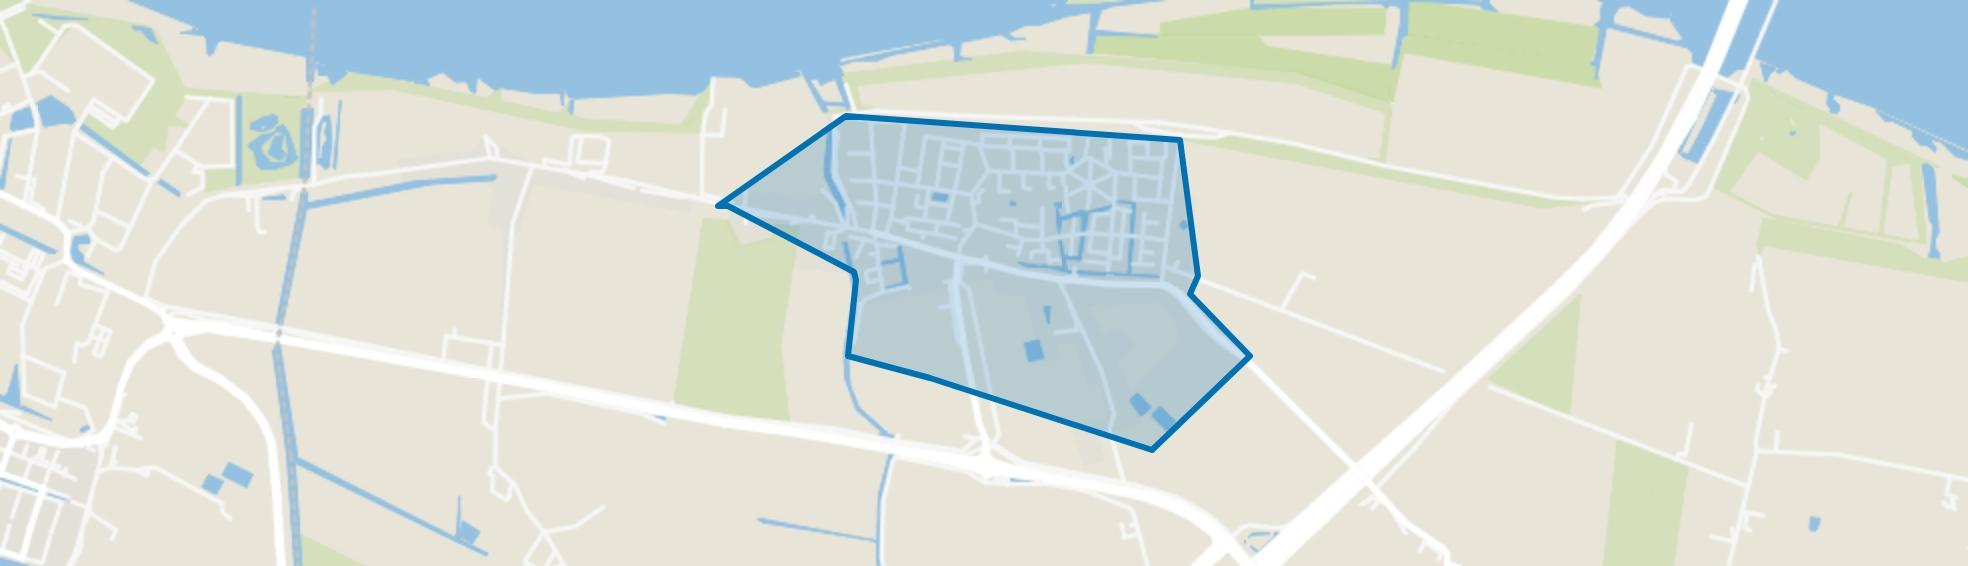 Heinenoord Woonkern, Heinenoord map